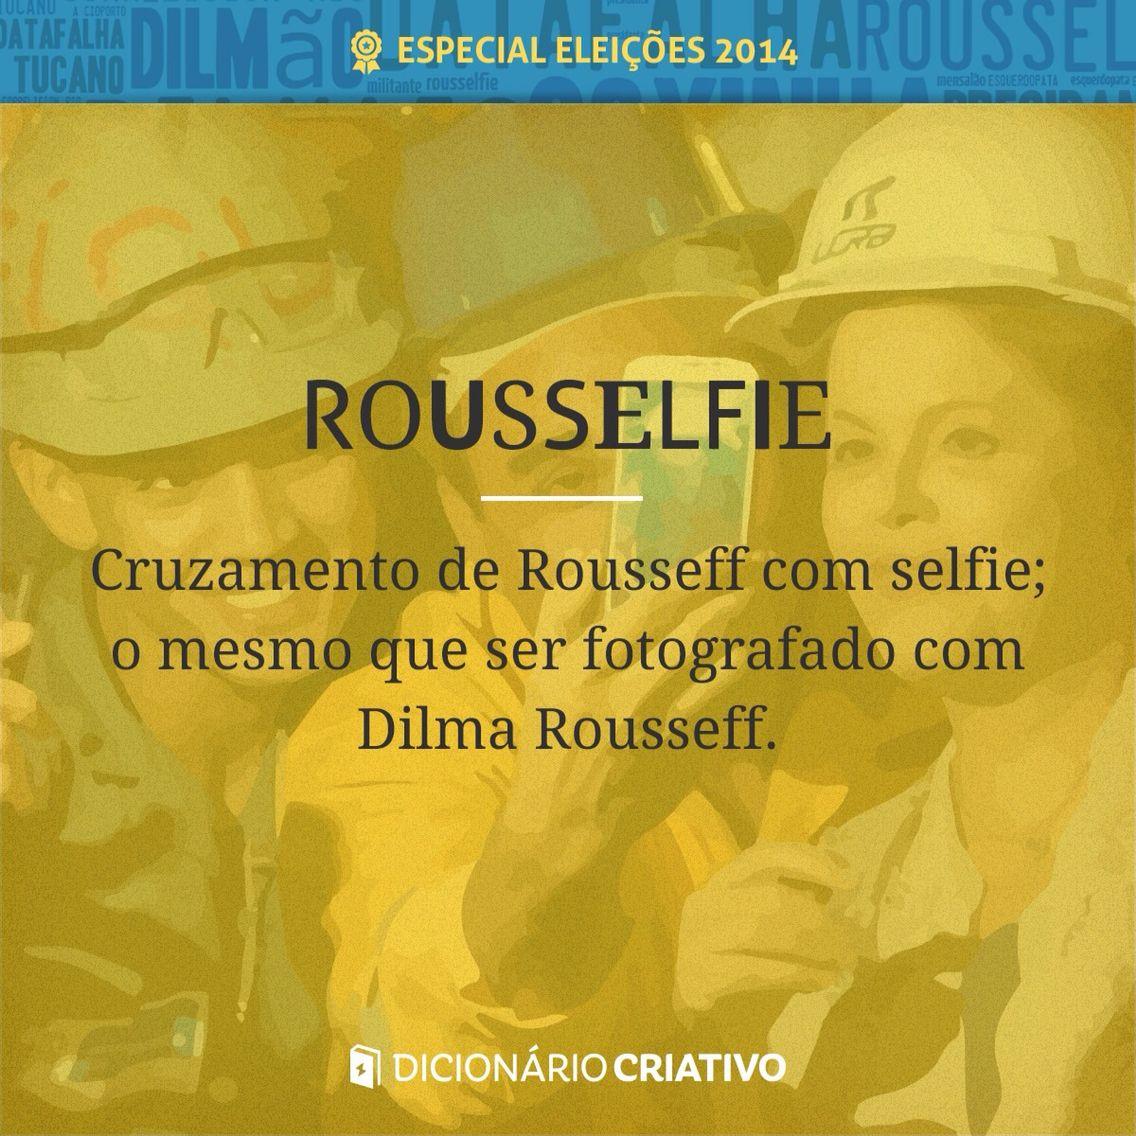 Rousselfie: Cruzamento dos vocábulos Rousseff, sobrenome da atual presidente do Brasil, e selfie; o mesmo que tirar uma foto com Dilma Rousseff.